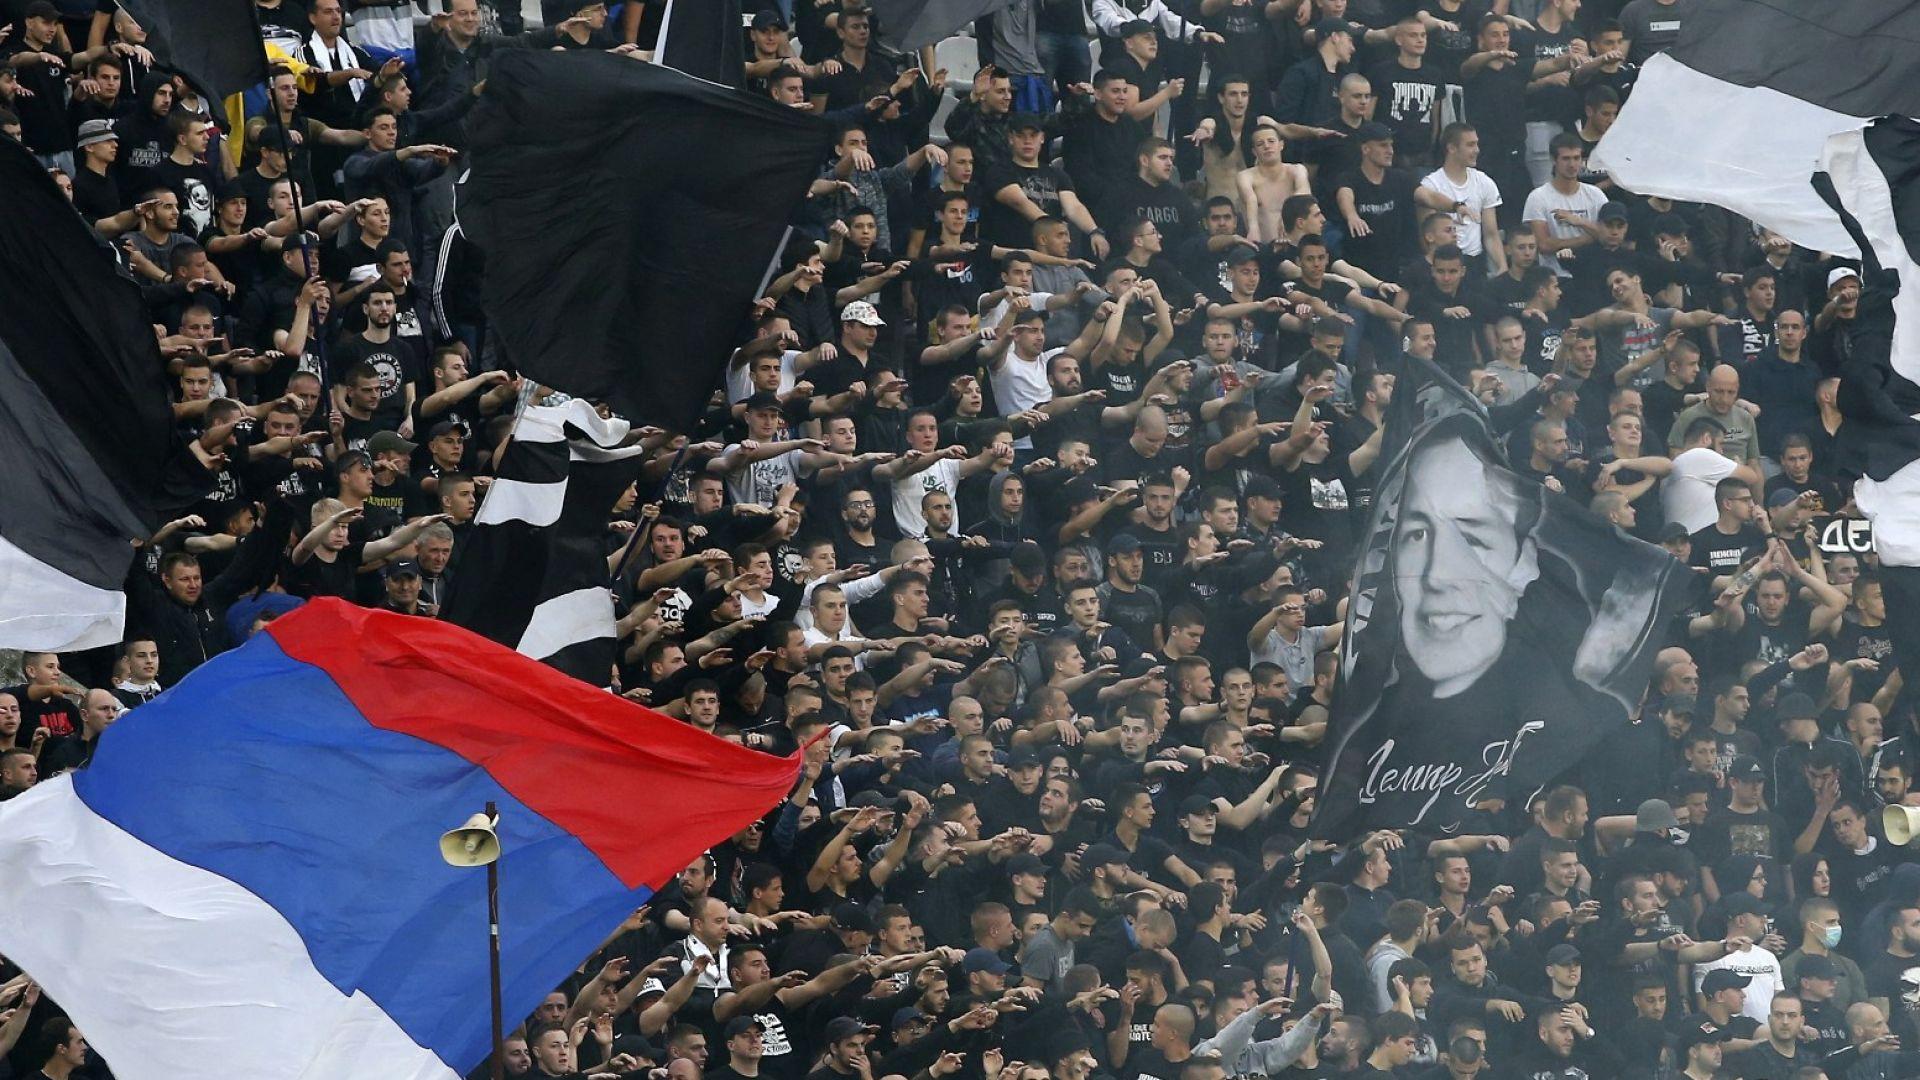 Пълни трибуни и супер атмосфера в Белград припомниха позабравено чувство